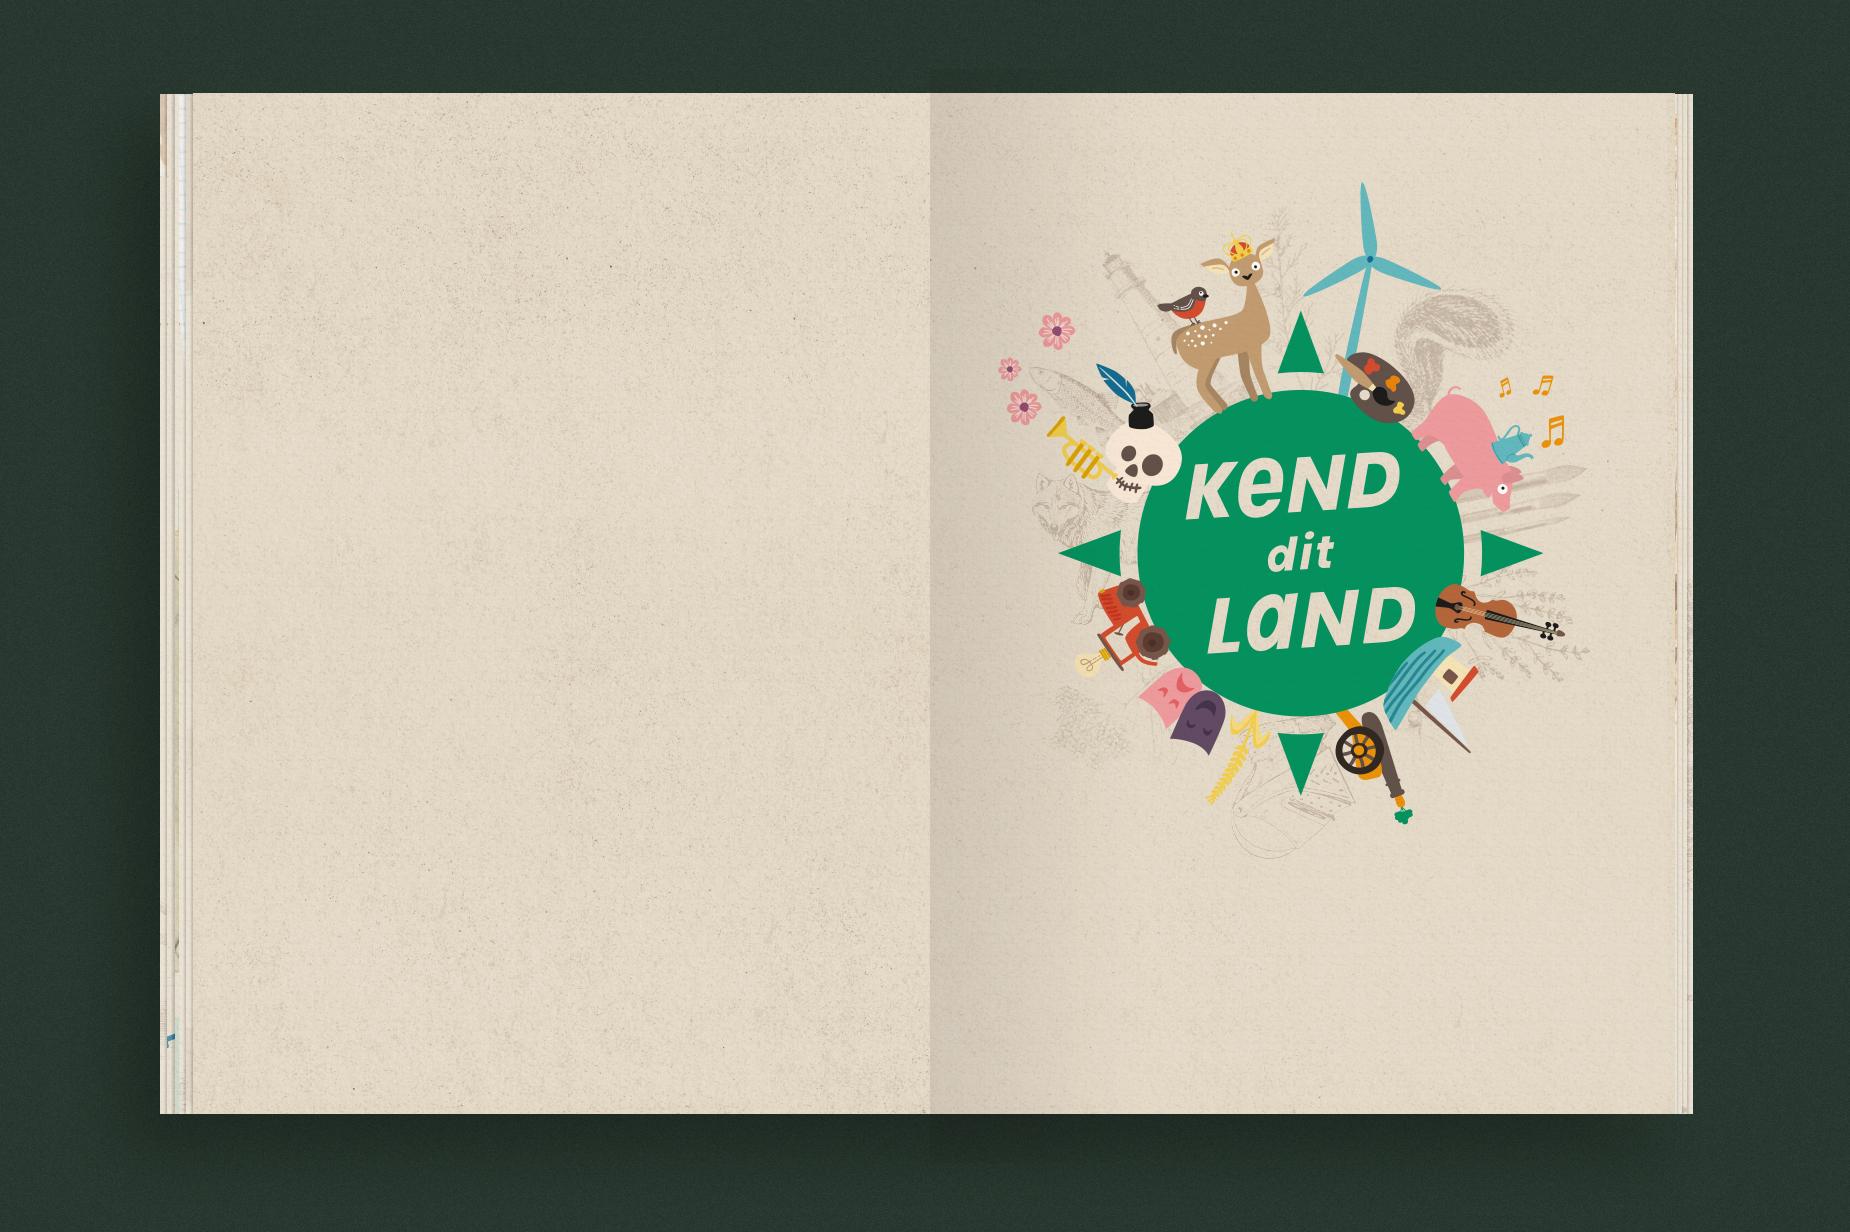 kend-dit-land-grafisk-design-bogdesign-malene-hald-grafiker-21